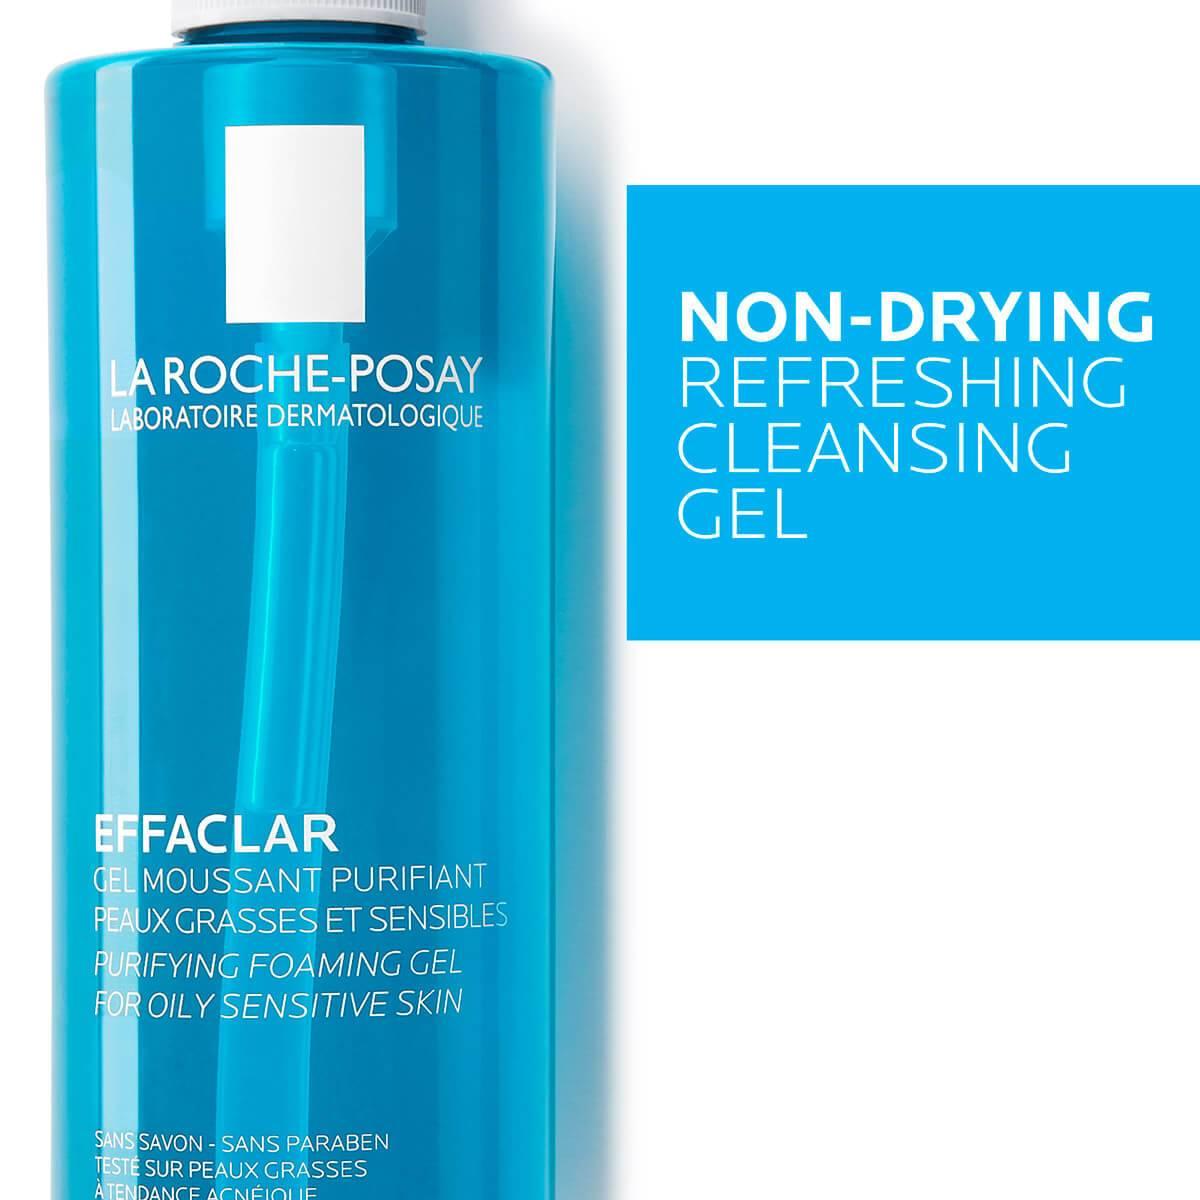 La Roche Posay ProduktSide Akne Effaclar Cleansing Foaming Gel 400ml 3